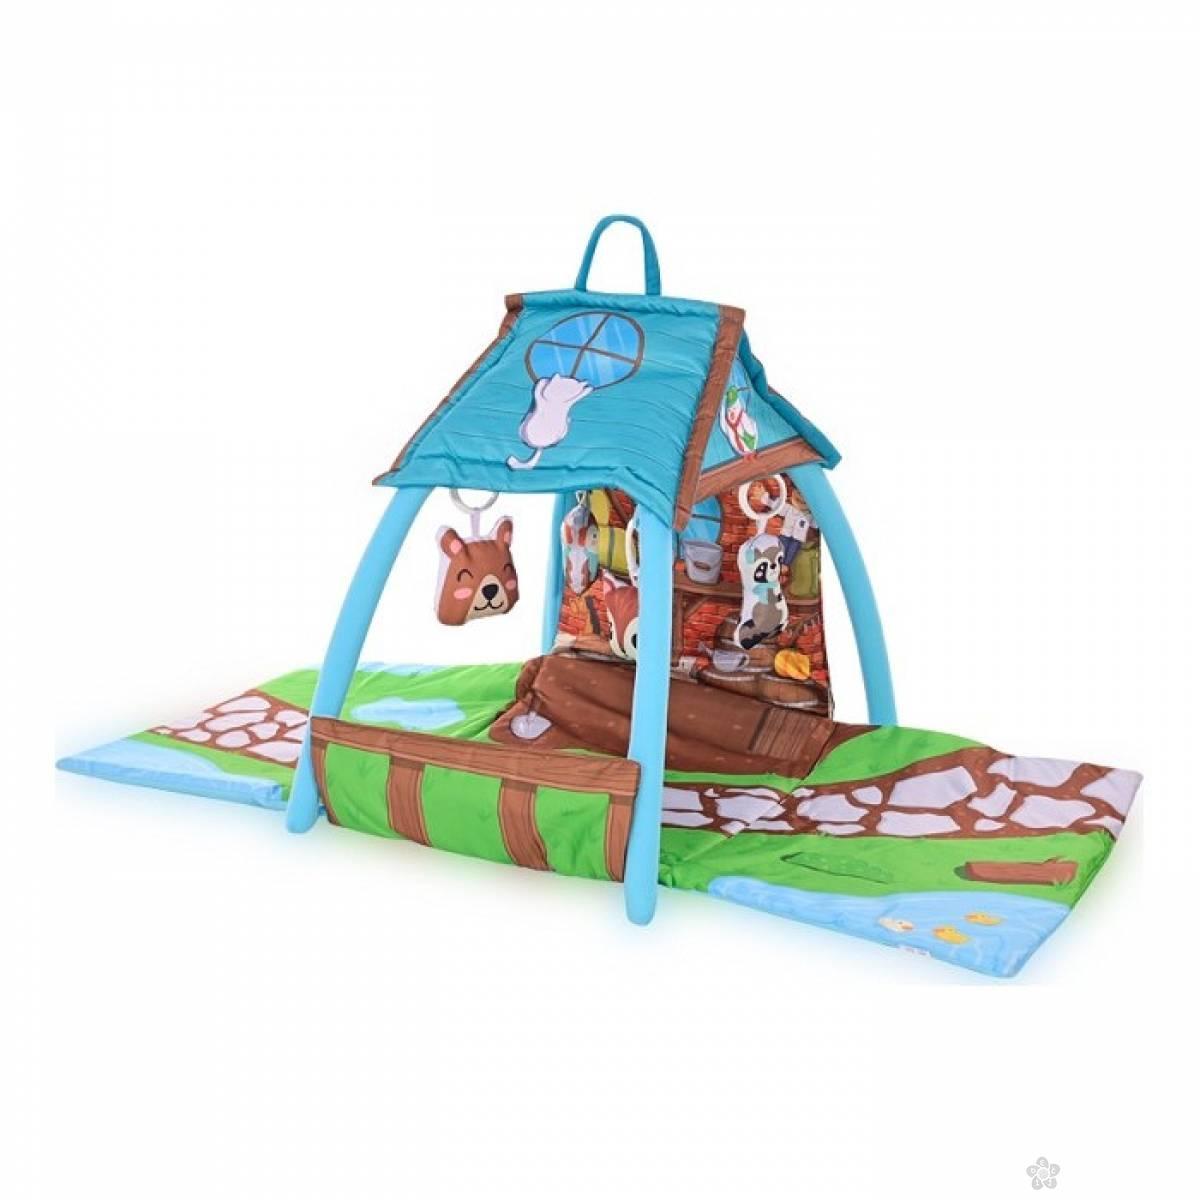 Podloga za igru Little House 10300420000